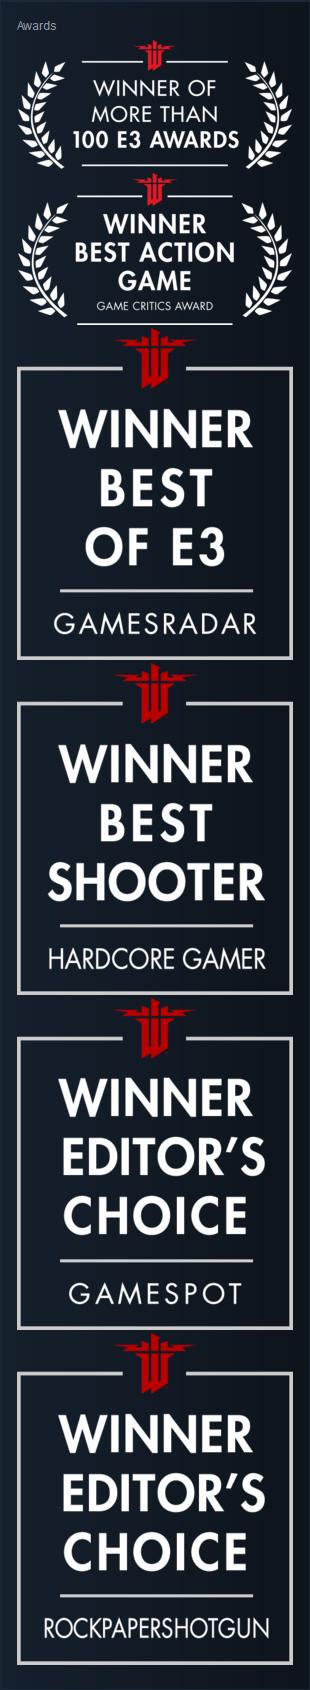 Wolfenstein Goodies News Thread WIInc-awards